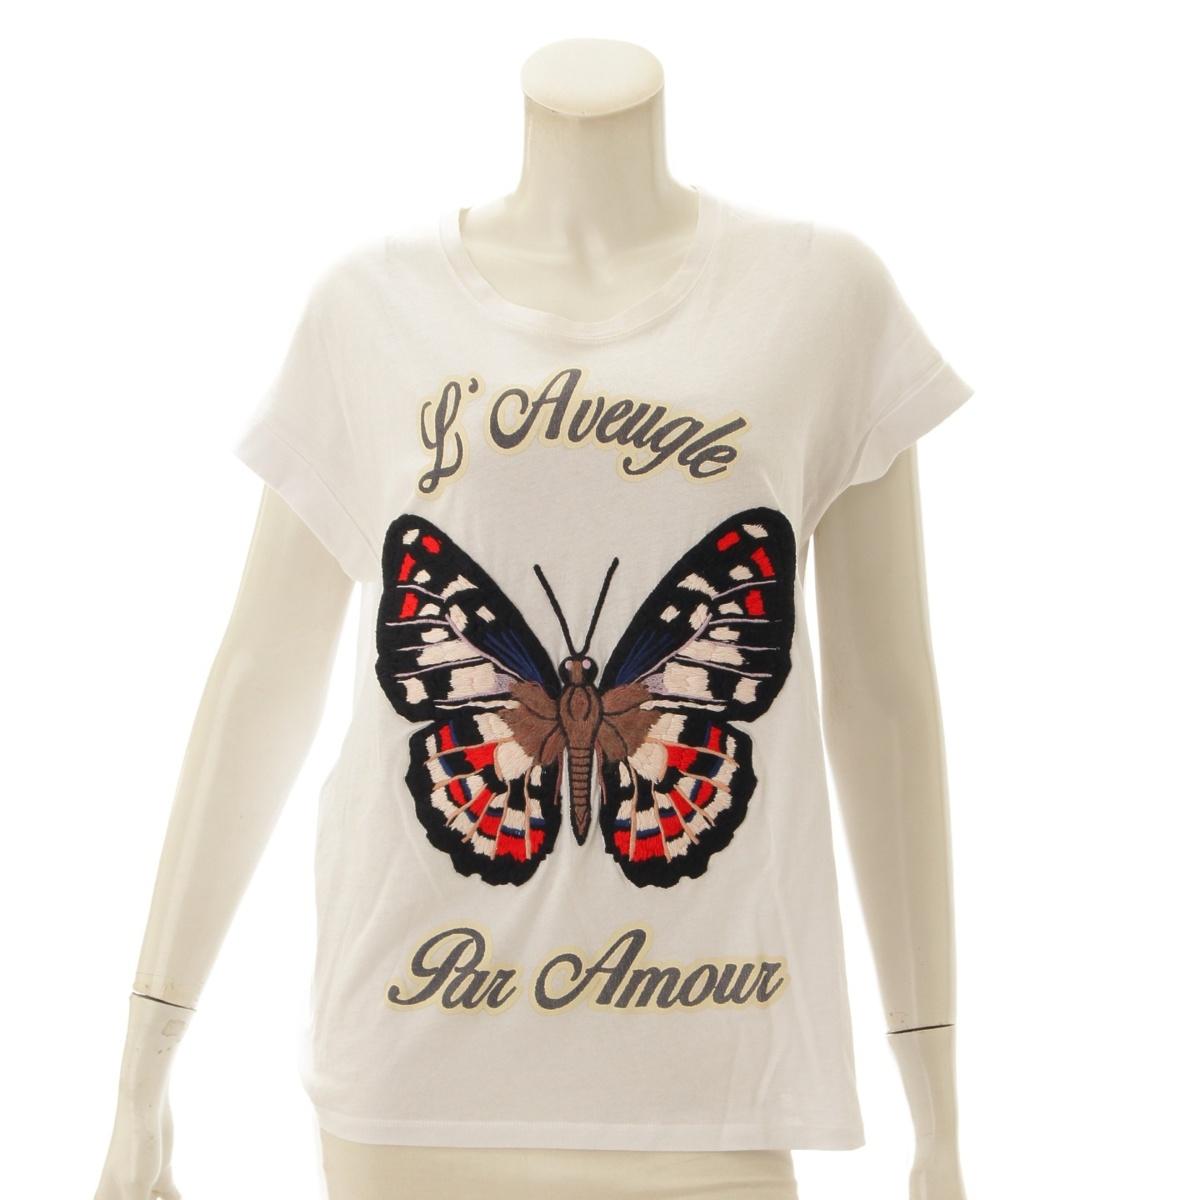 【10%OFFセール】【グッチ】Gucci バタフライ 刺繍 Tシャツ 434543 ホワイト S 【中古】【鑑定済・正規品保証】72028